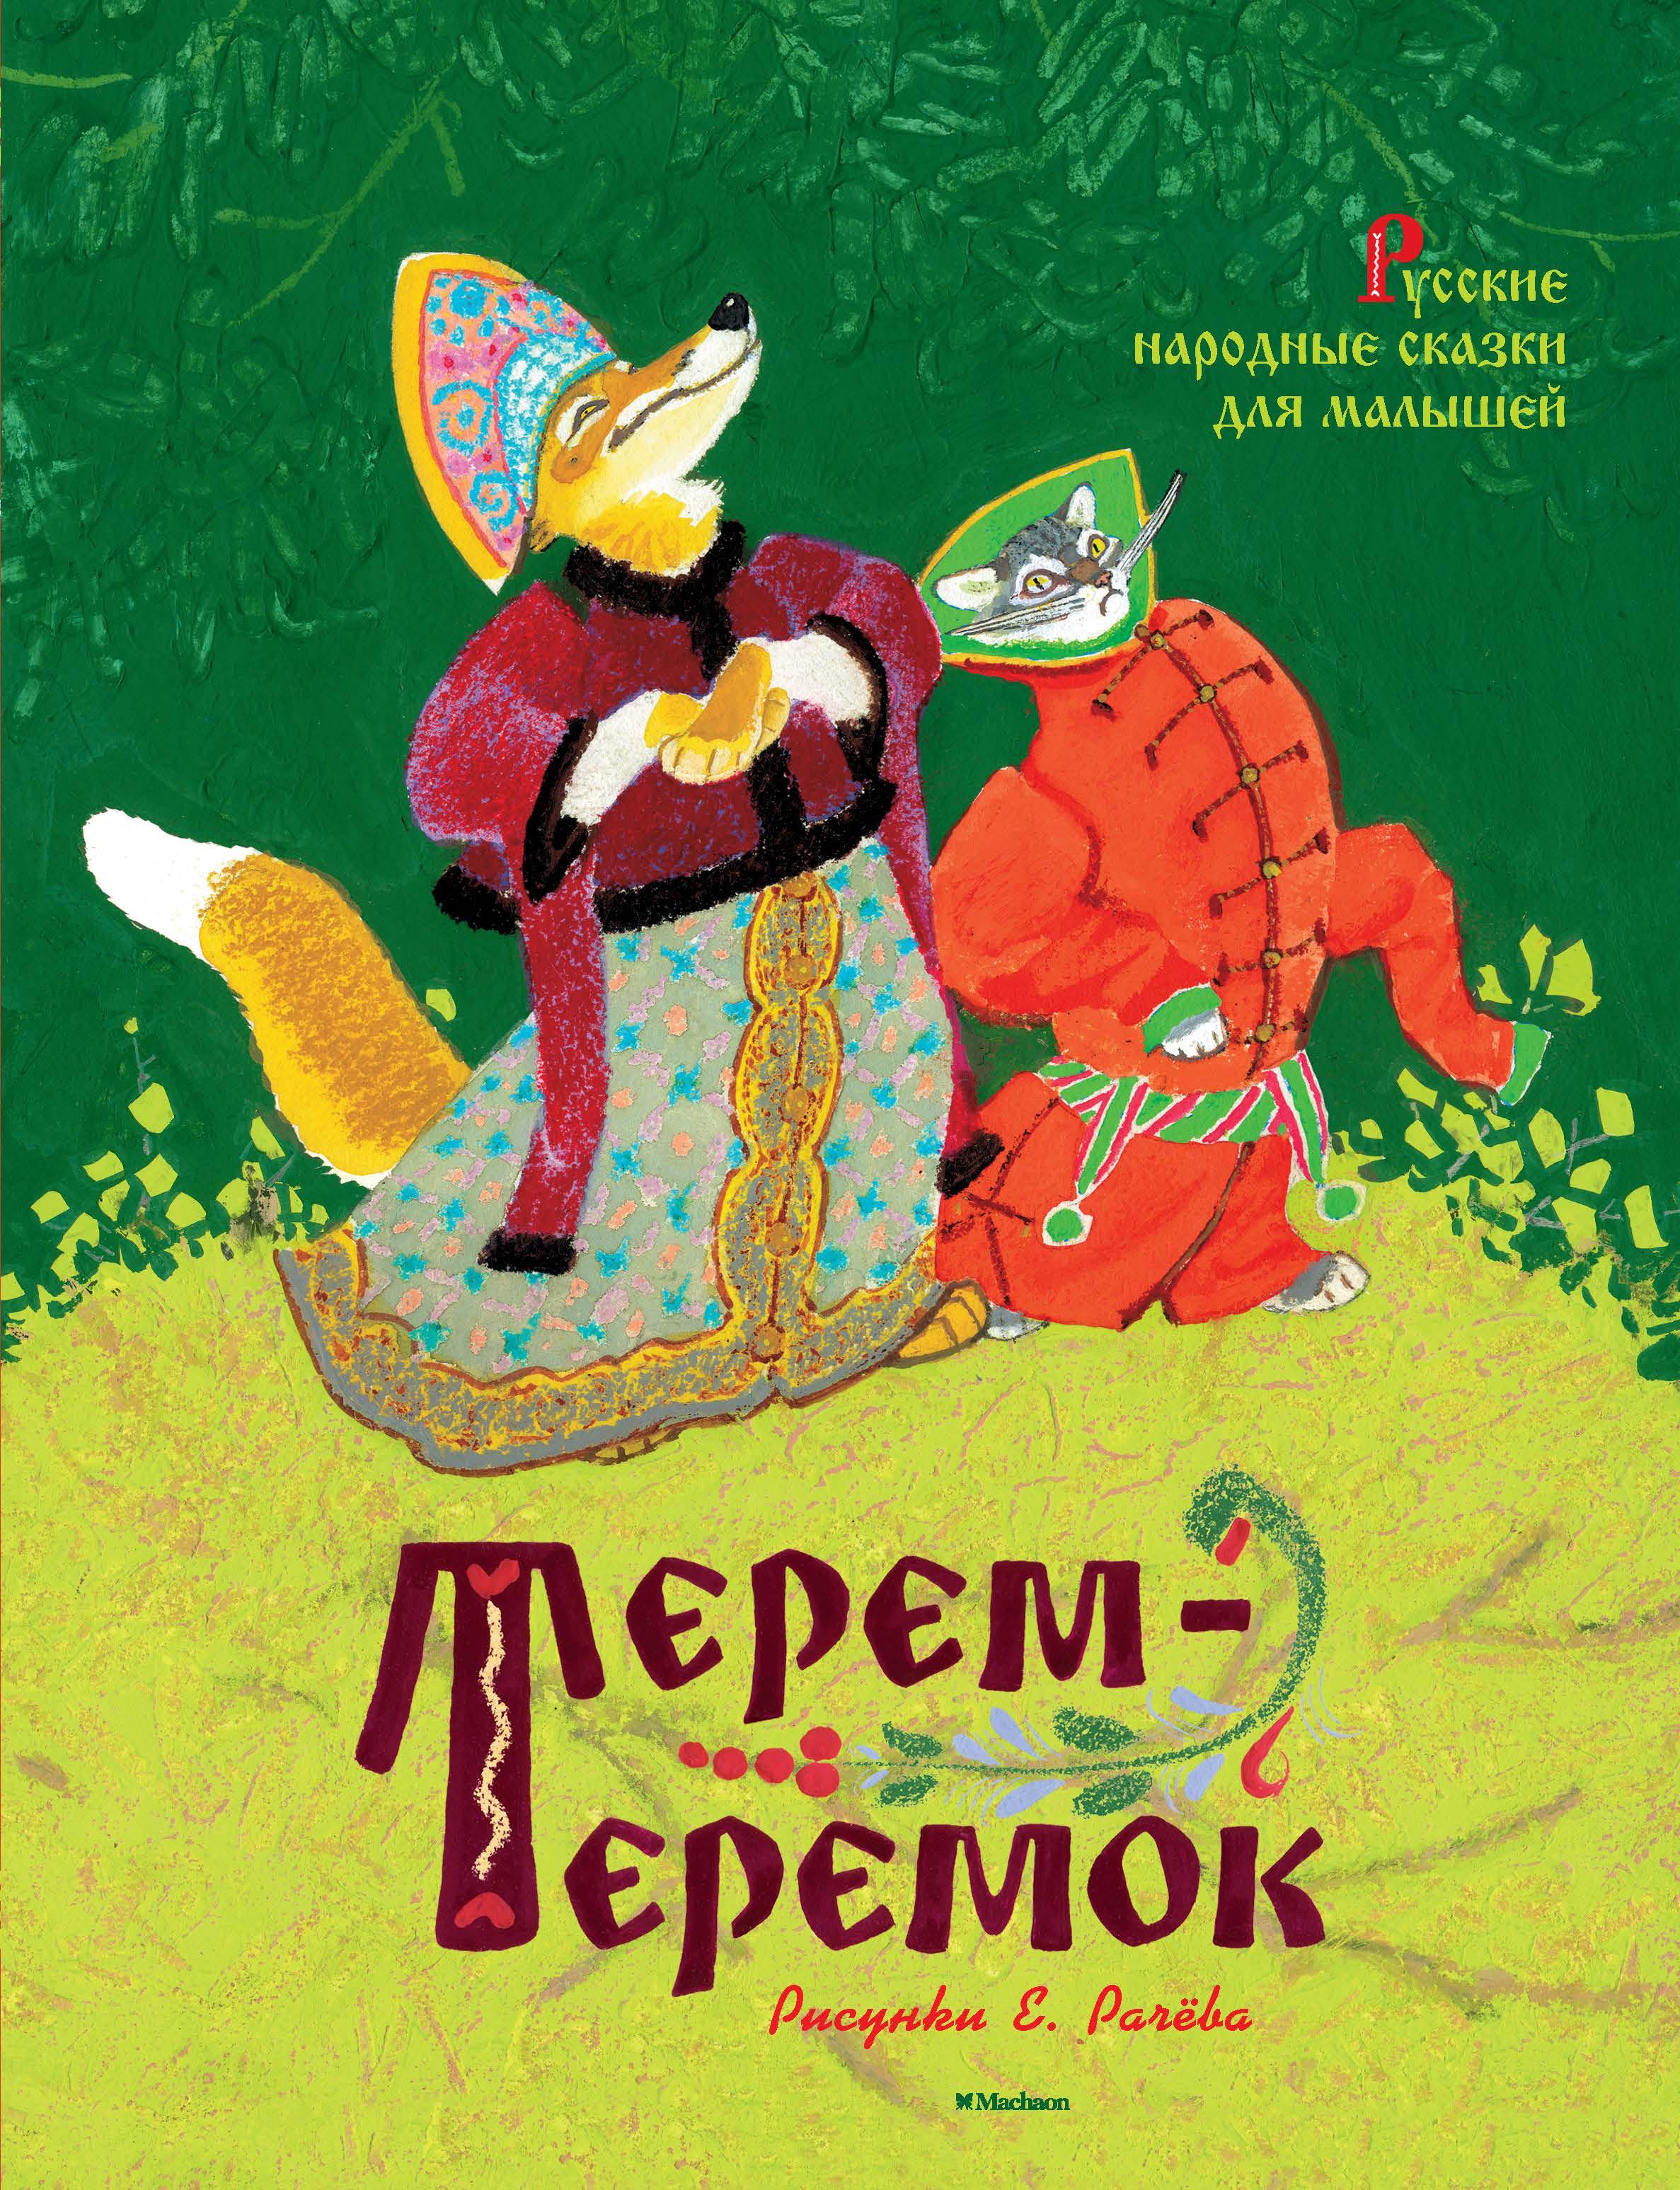 9785389113602 - Терем-теремок - Книга